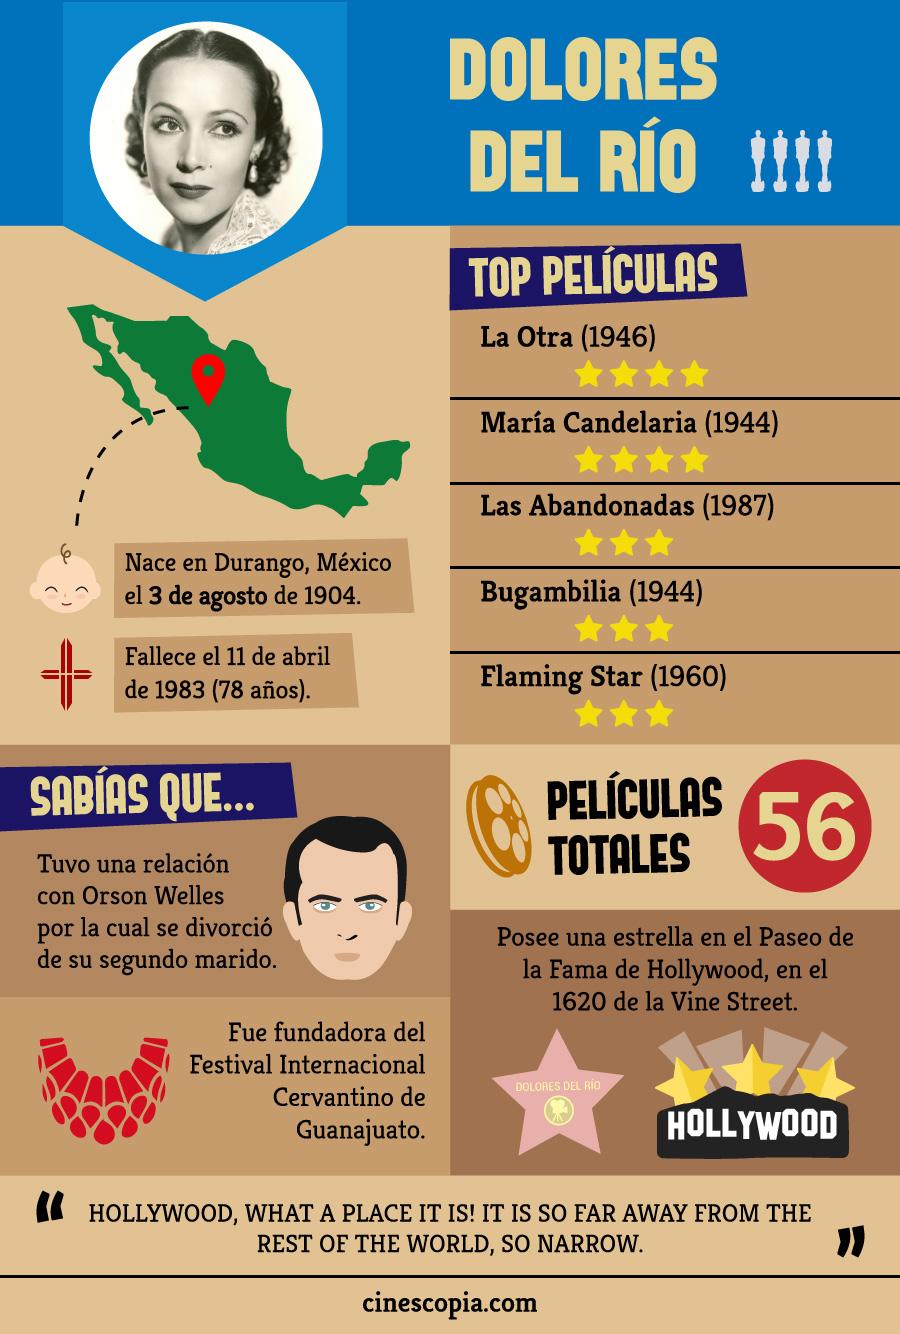 Delrio-info